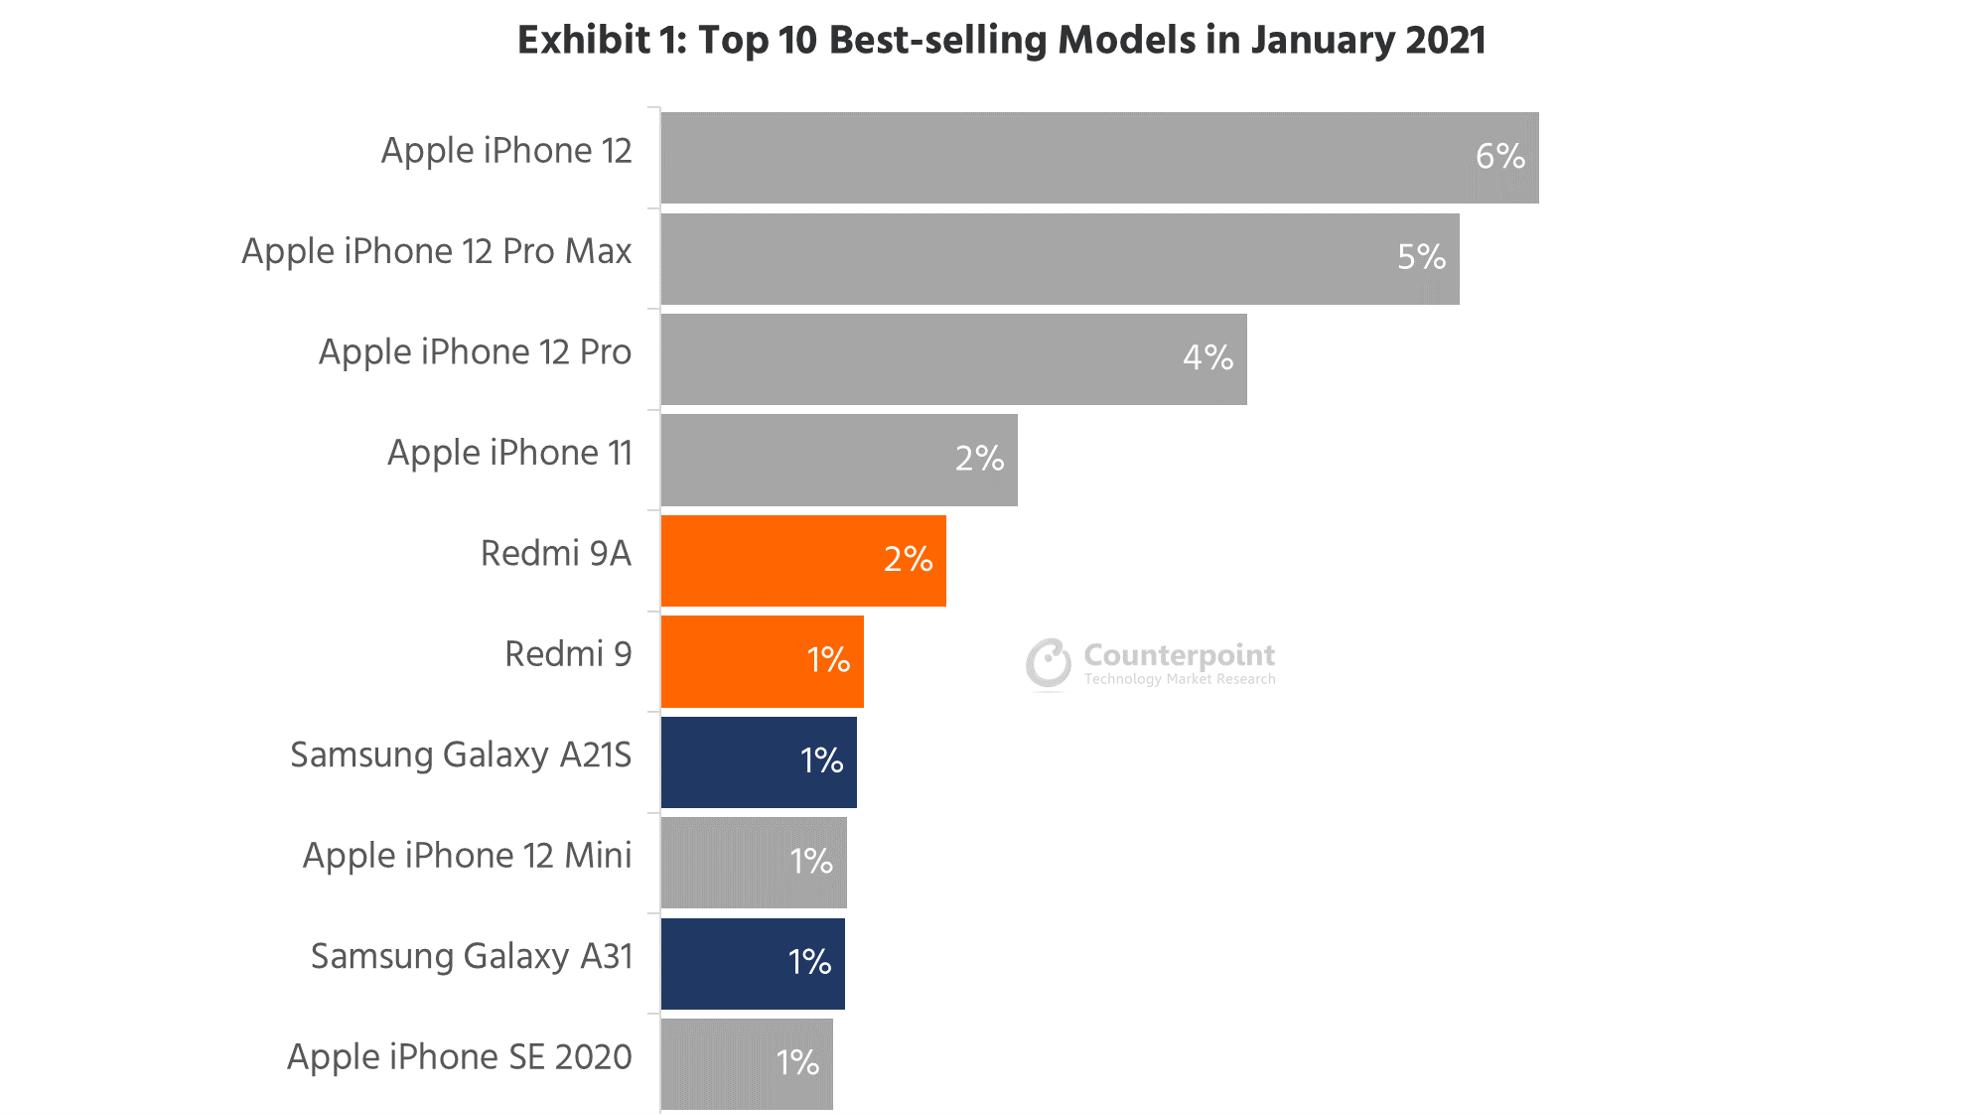 Apple, Ocak Ayında En Çok Satan 10 Model Listesinde 6 Yer Aldı